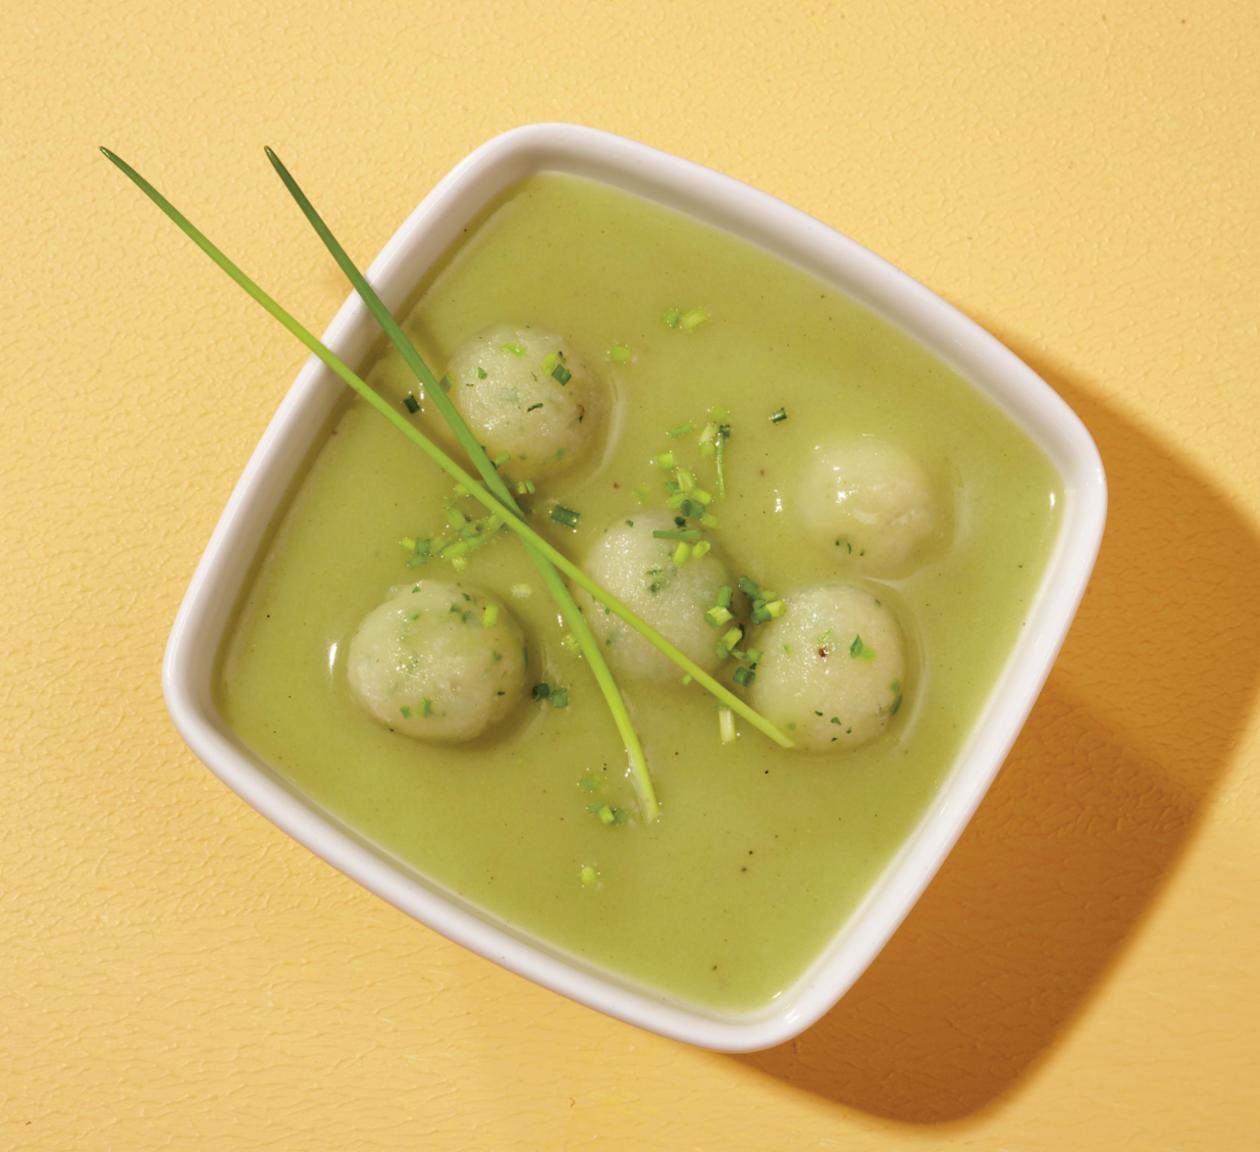 Gemüsesuppe mit kleinen Kartoffel-Kräuter-Bällchen